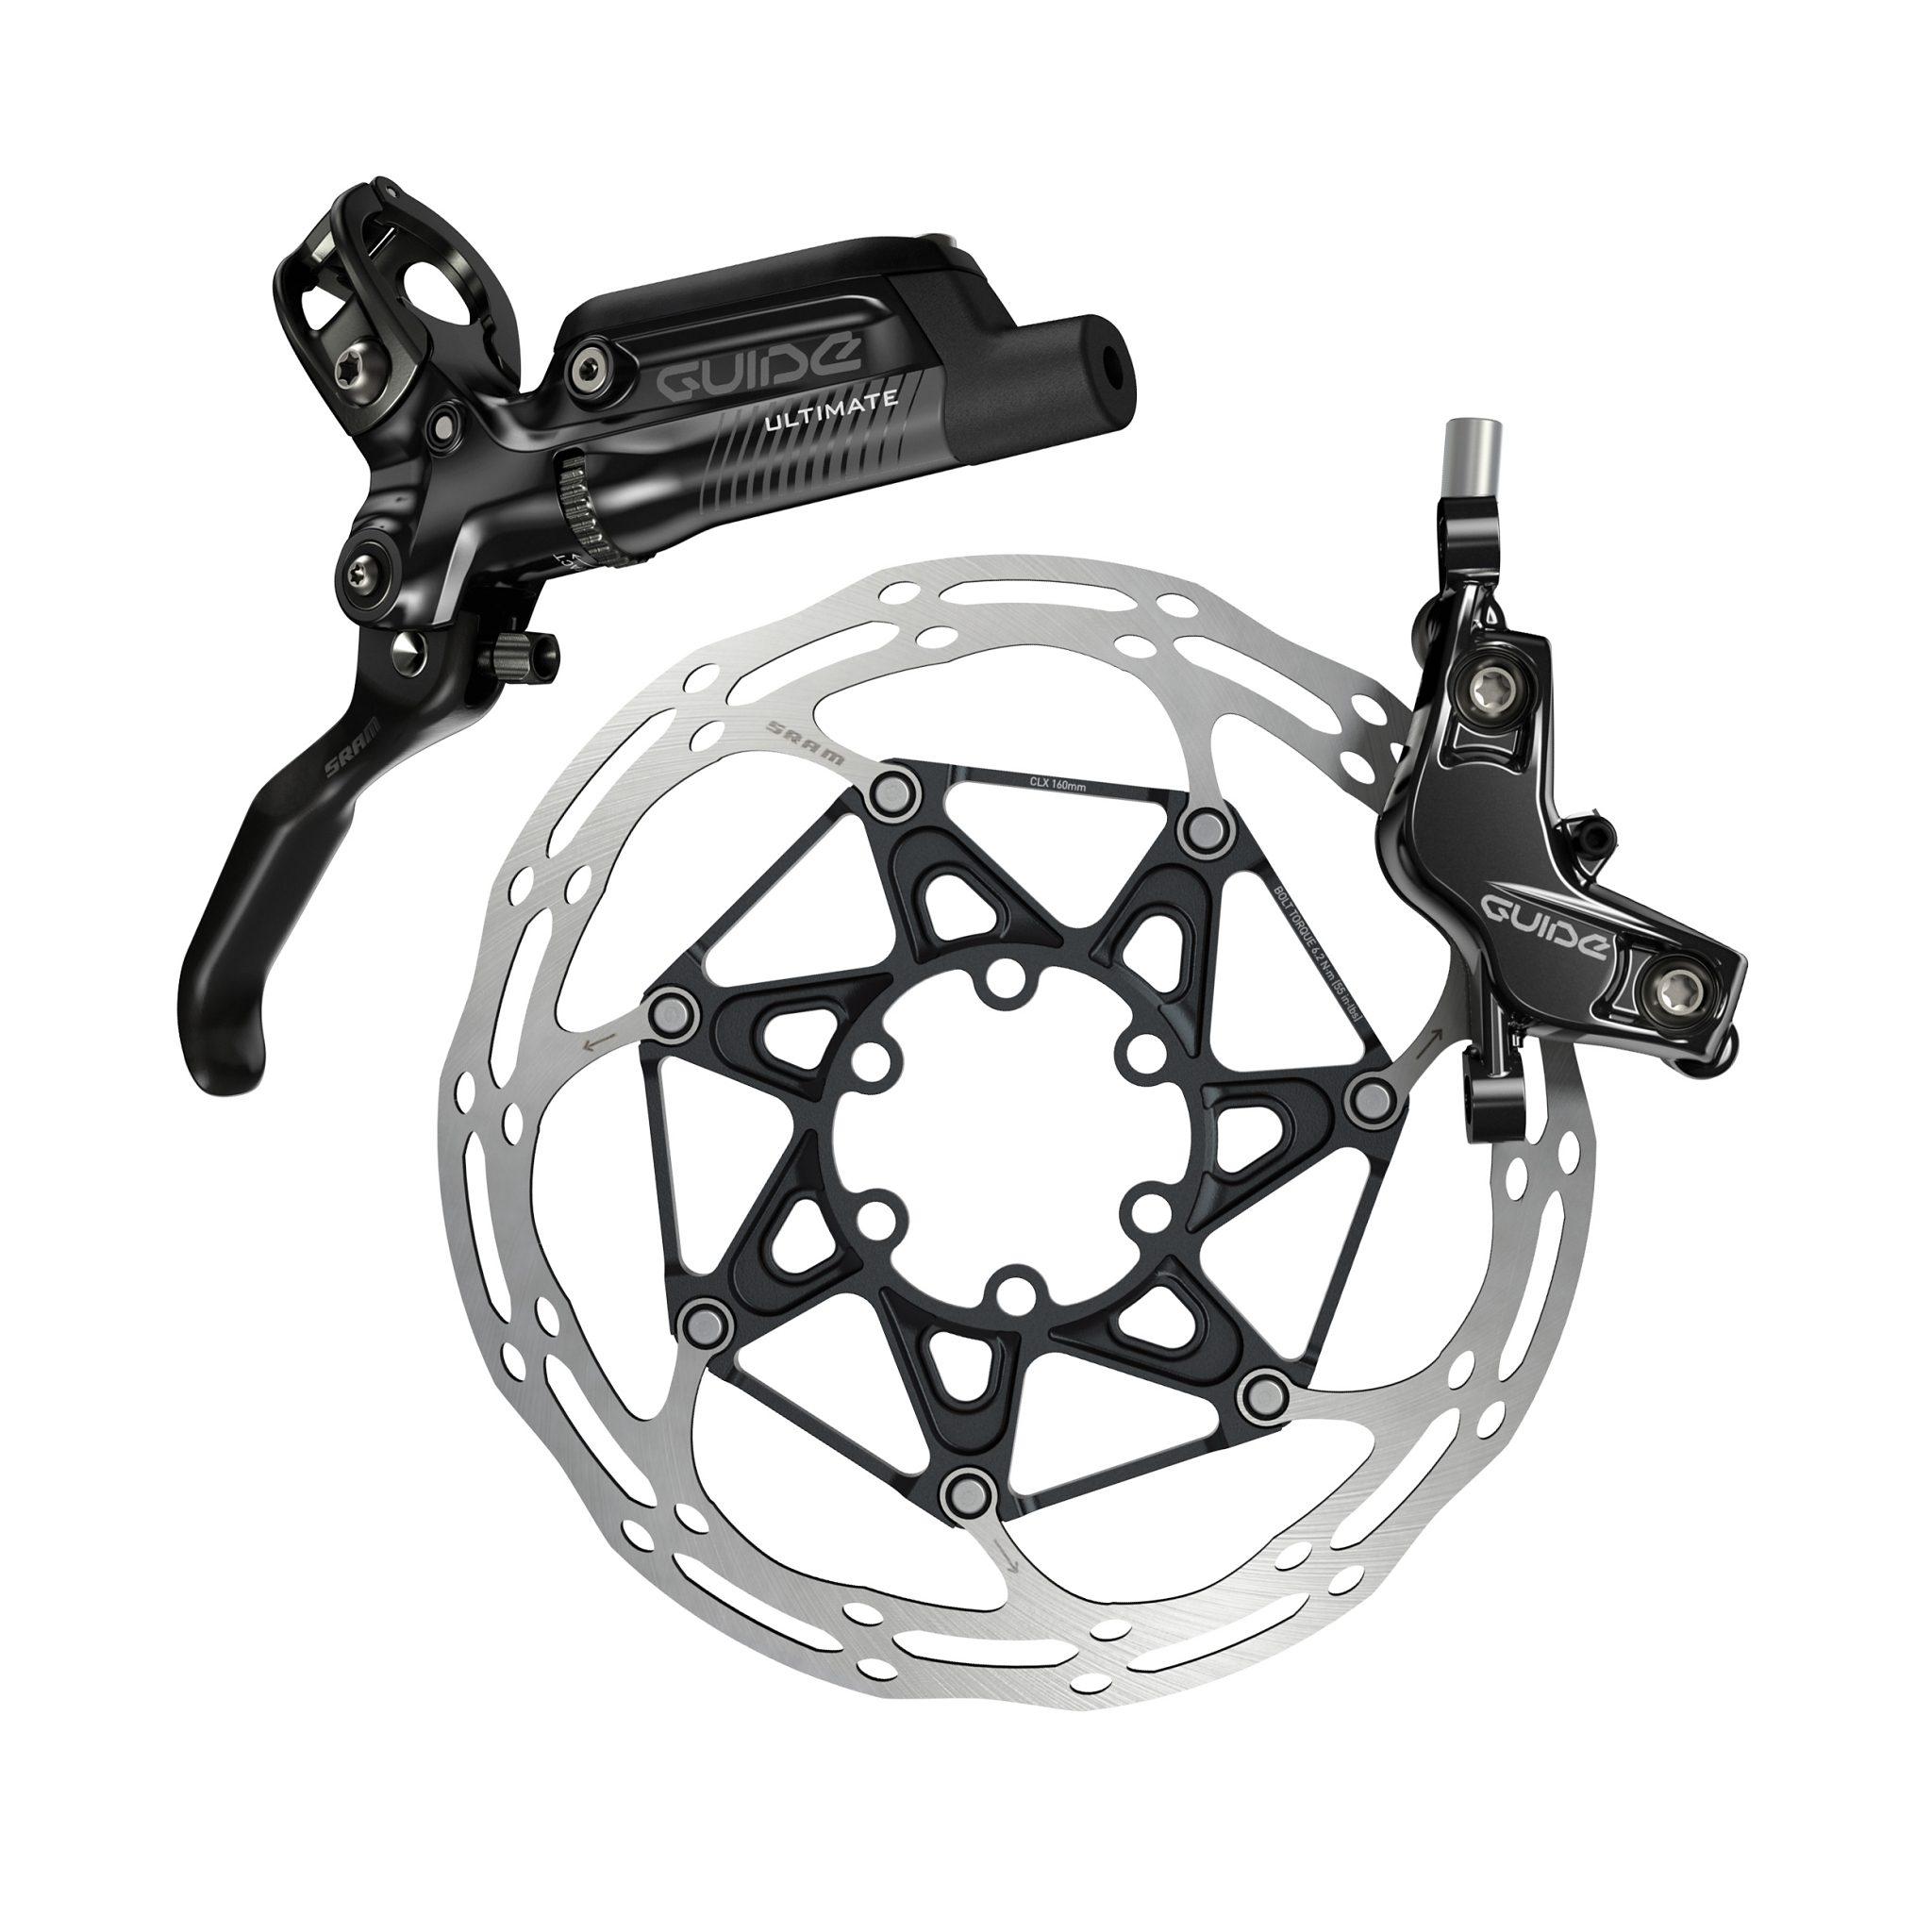 SRAM Scheibenbremse »Guide Ultimate Scheibenbremse Vorderrad 950 mm«